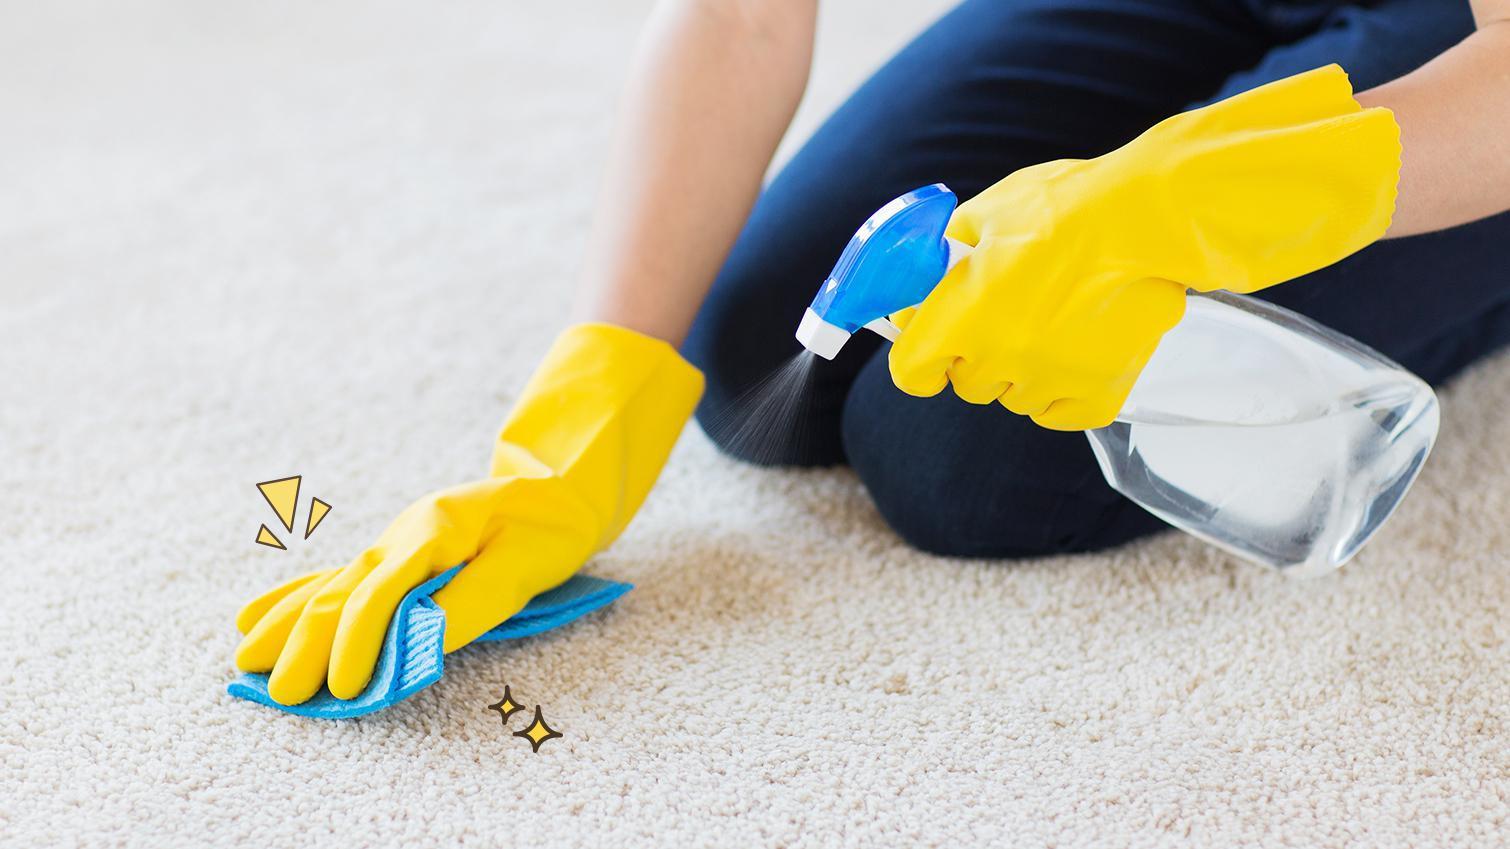 Begini Cara Membersihkan Karpet yang Benar agar Tidak Rusak